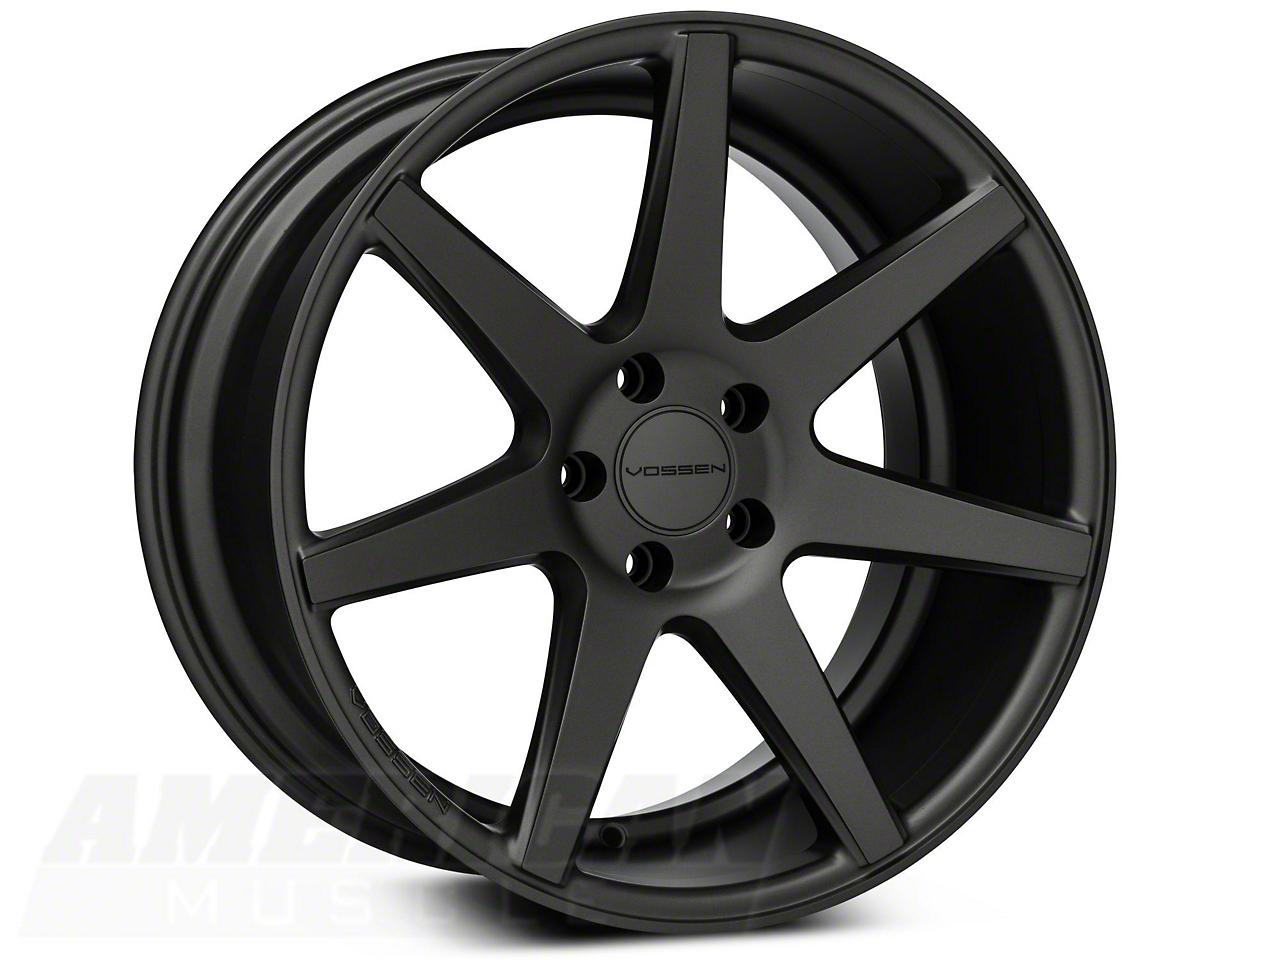 Vossen CV7 Matte Graphite Wheel - 19x10 (05-14 All)